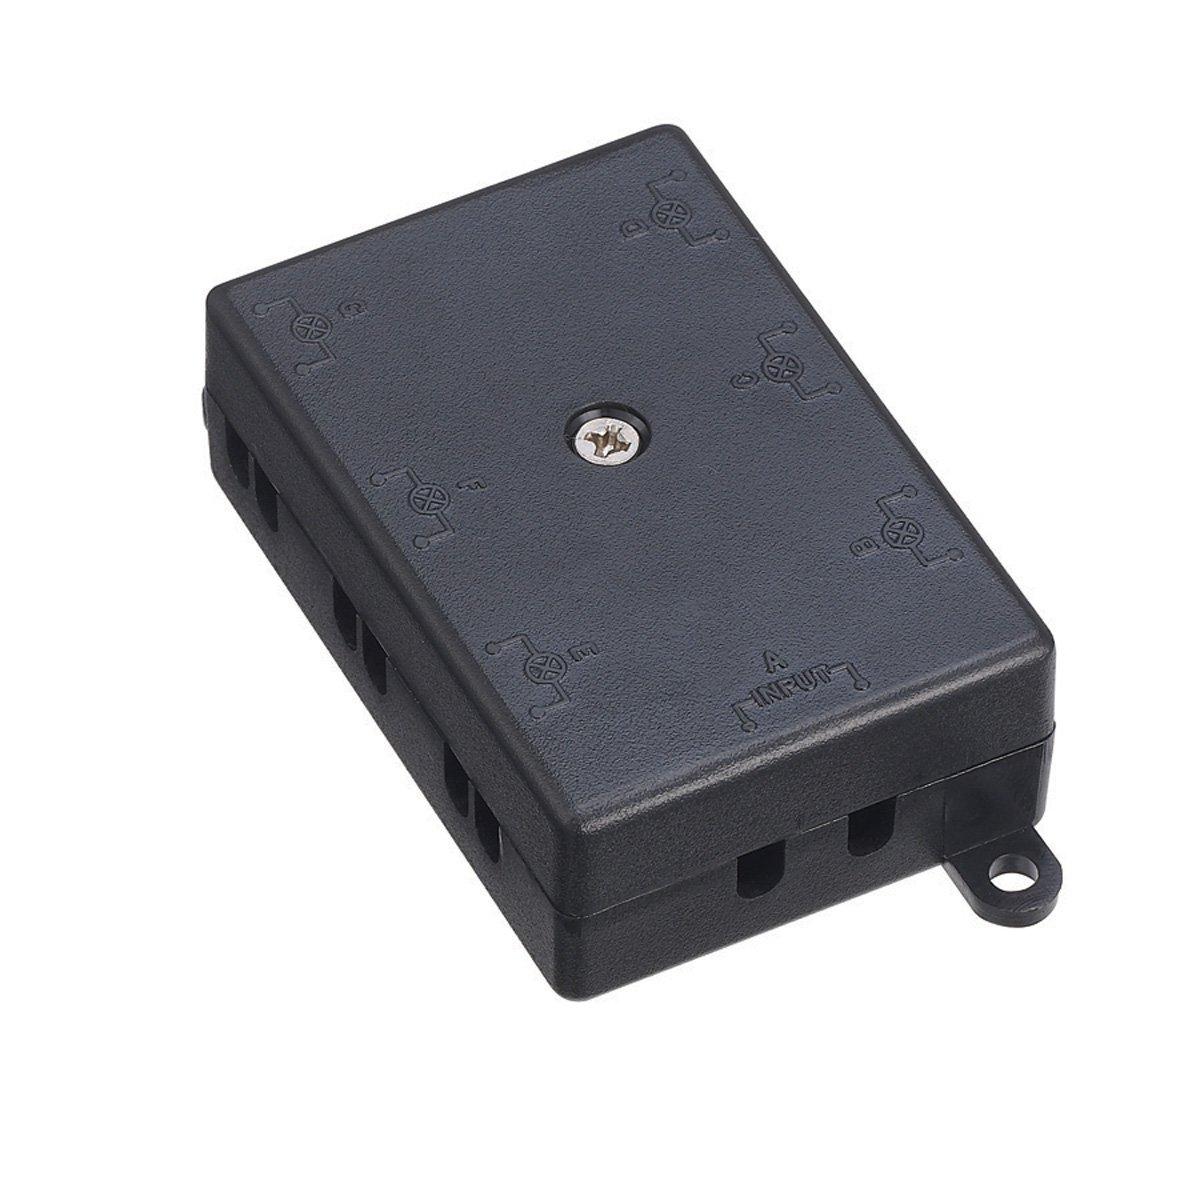 WAC Lighting MTB-01 Multiple Terminal Block-1 Input/Output